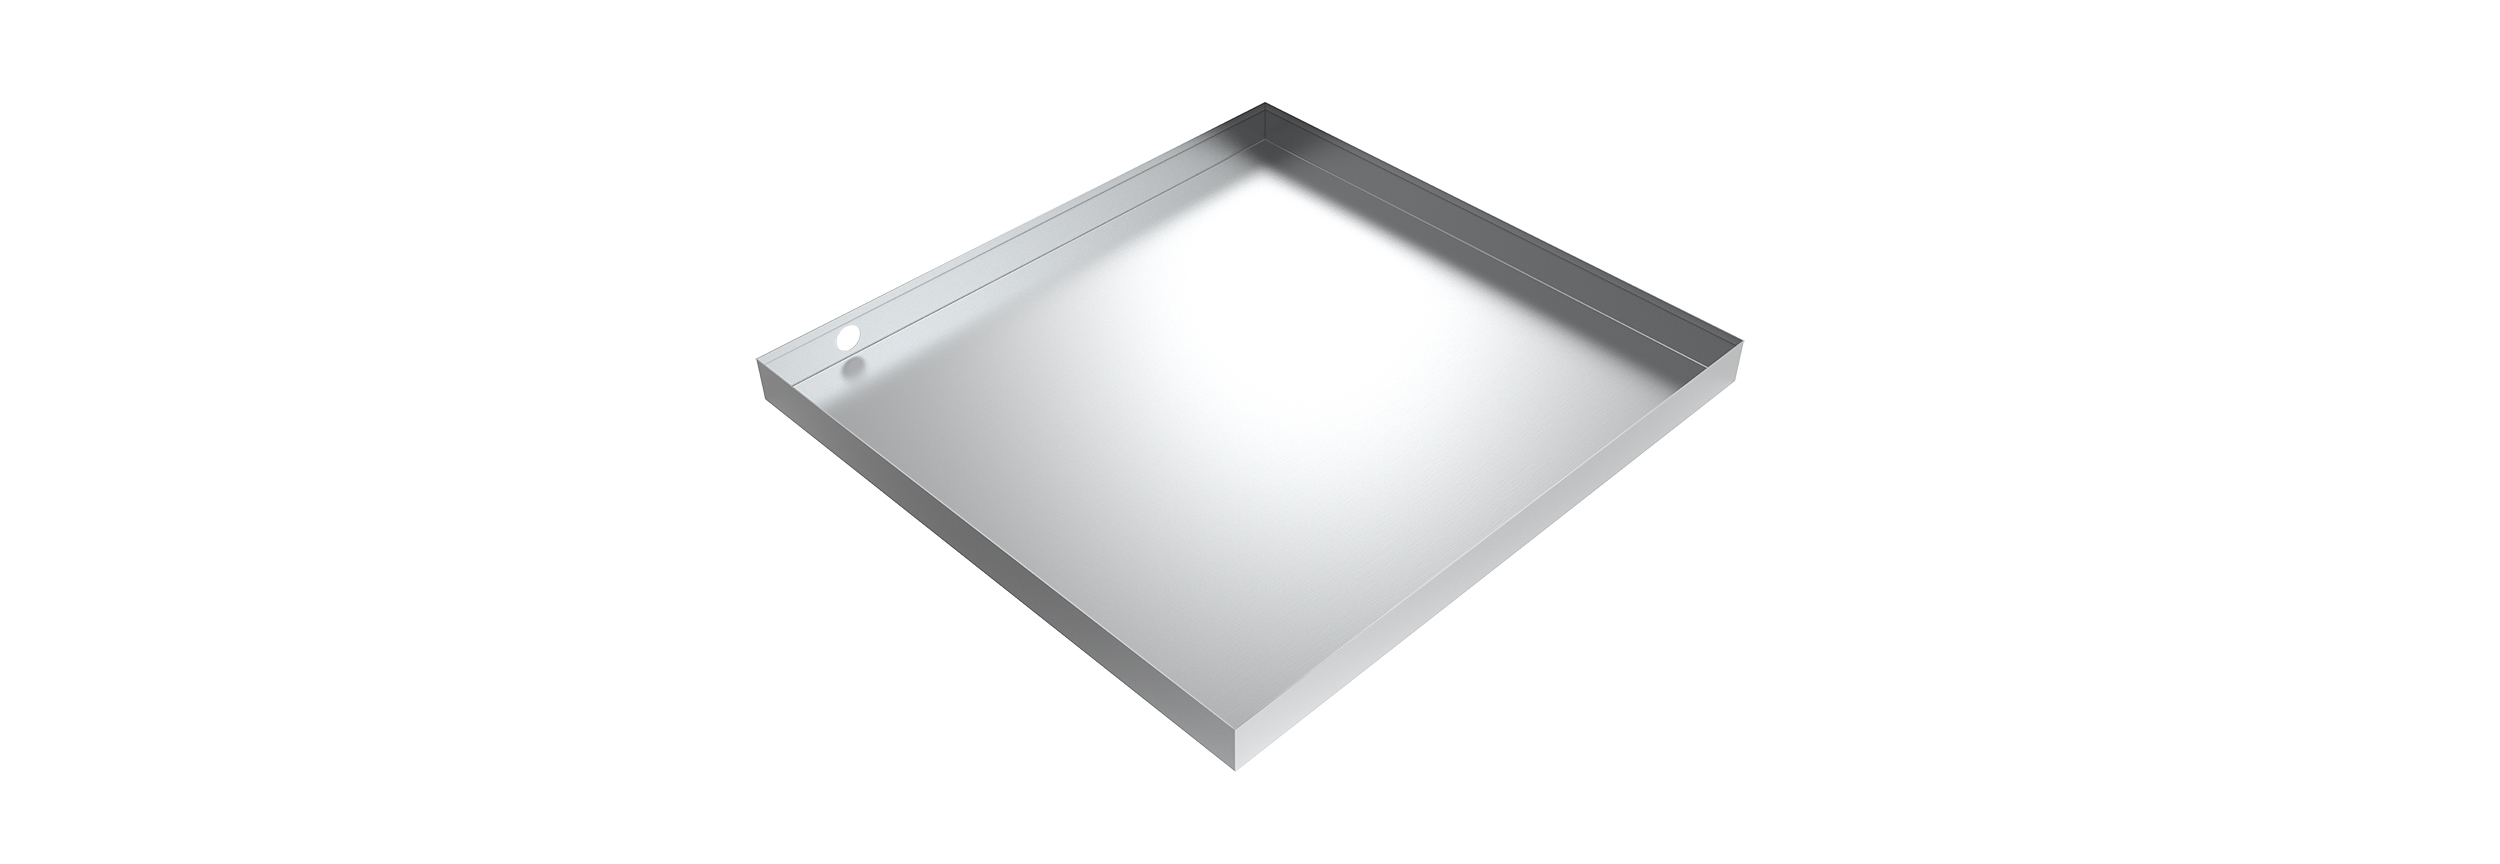 Aluminum Pan